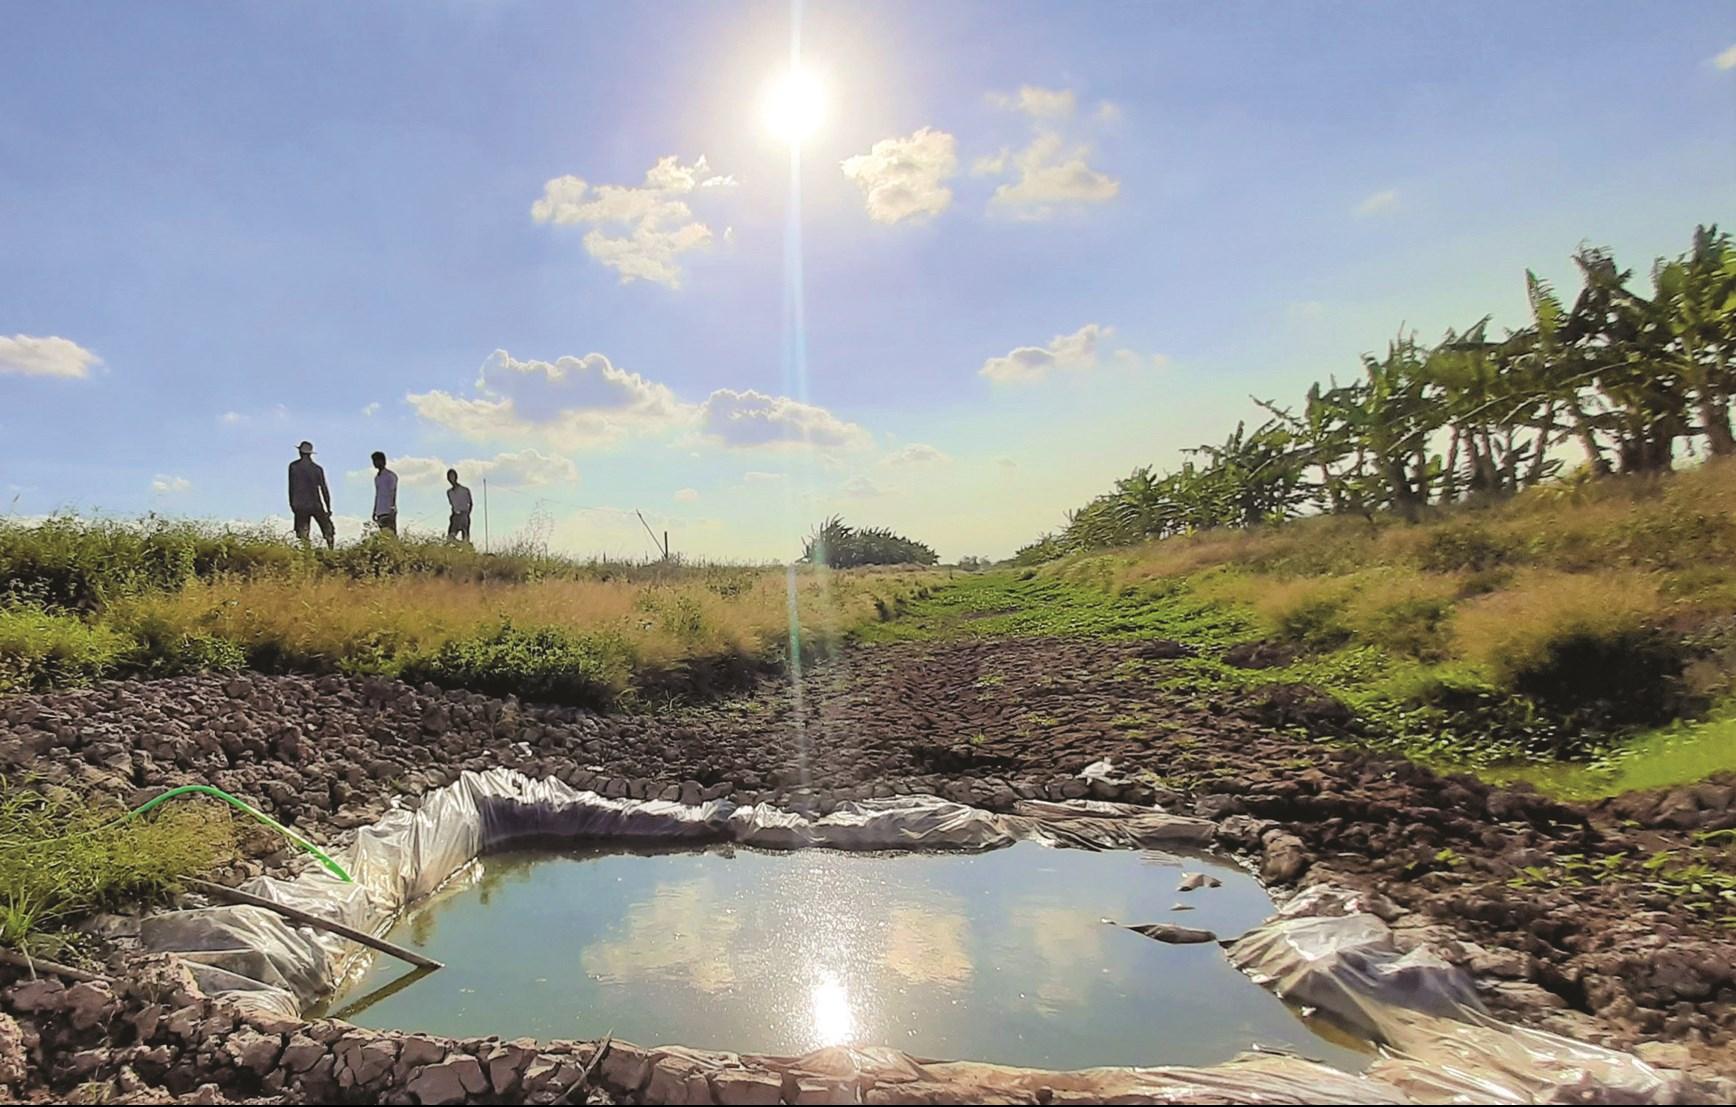 Hạn hán, xâm nhập mặn thường xuyên đe dọa ĐBSCL. (Ảnh minh họa)